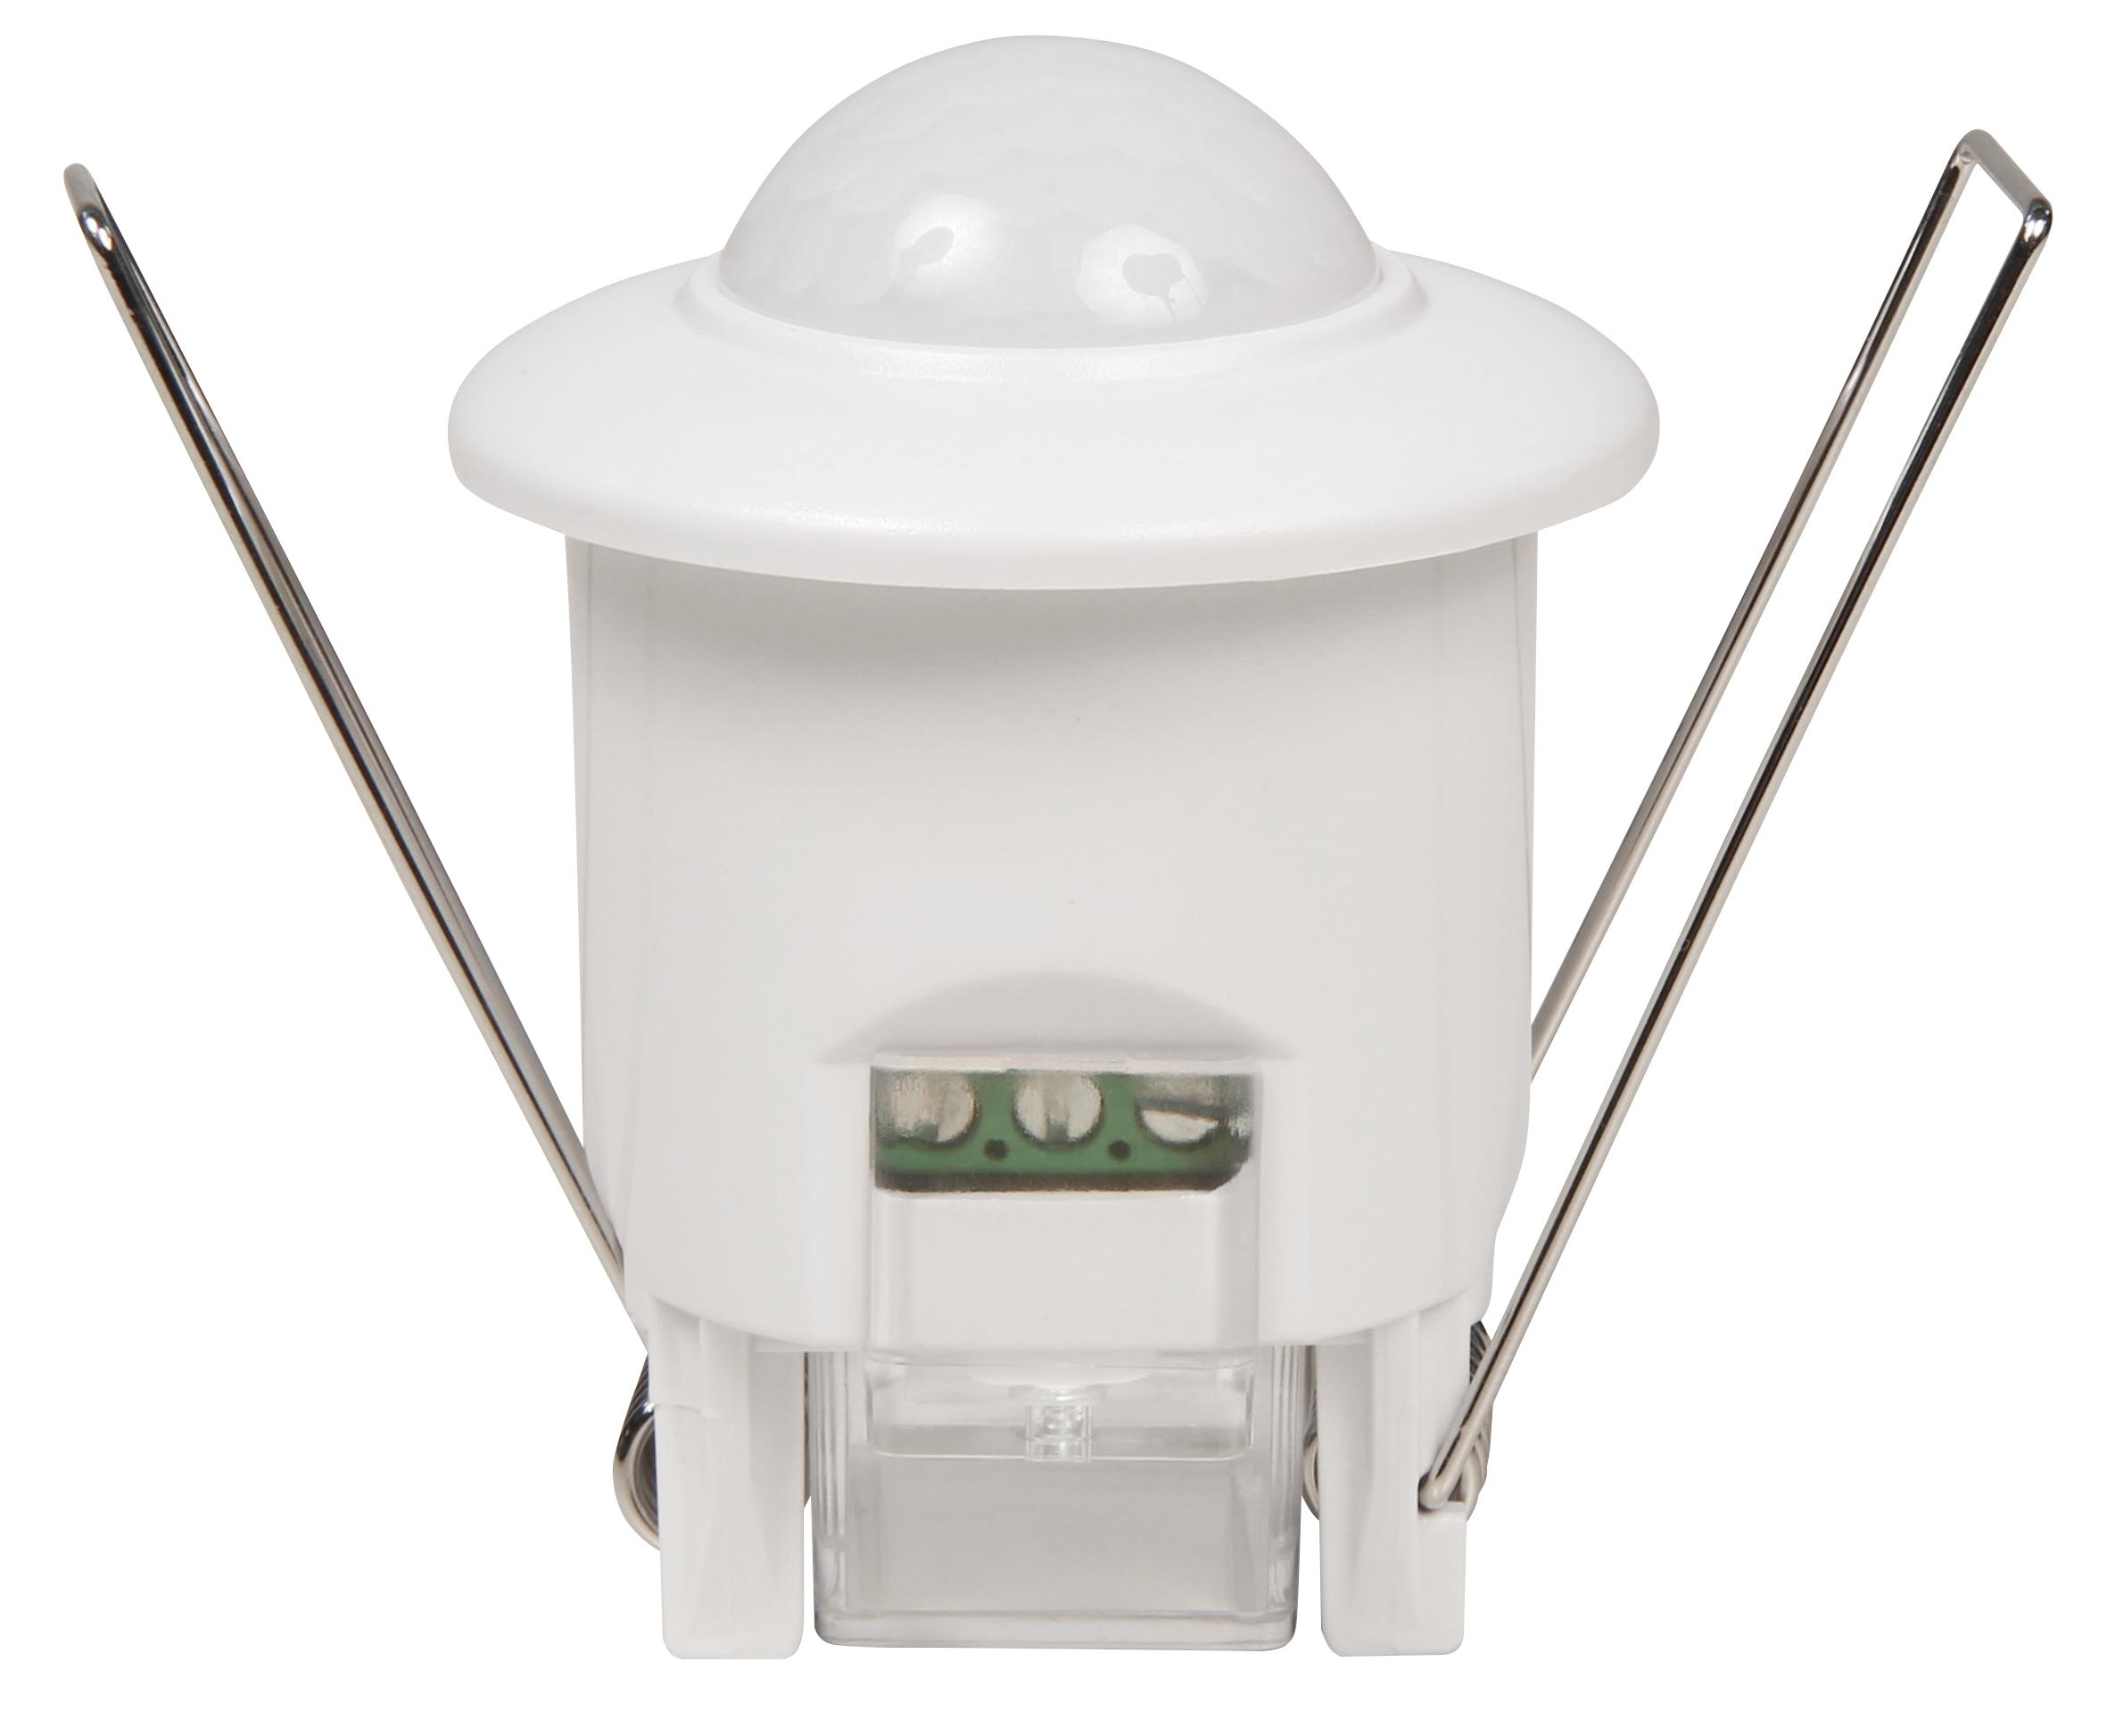 IR Bewegungsmelder McShine ''LX-680'', 360°, 800W, weiß, Unterputz, LED geeignet